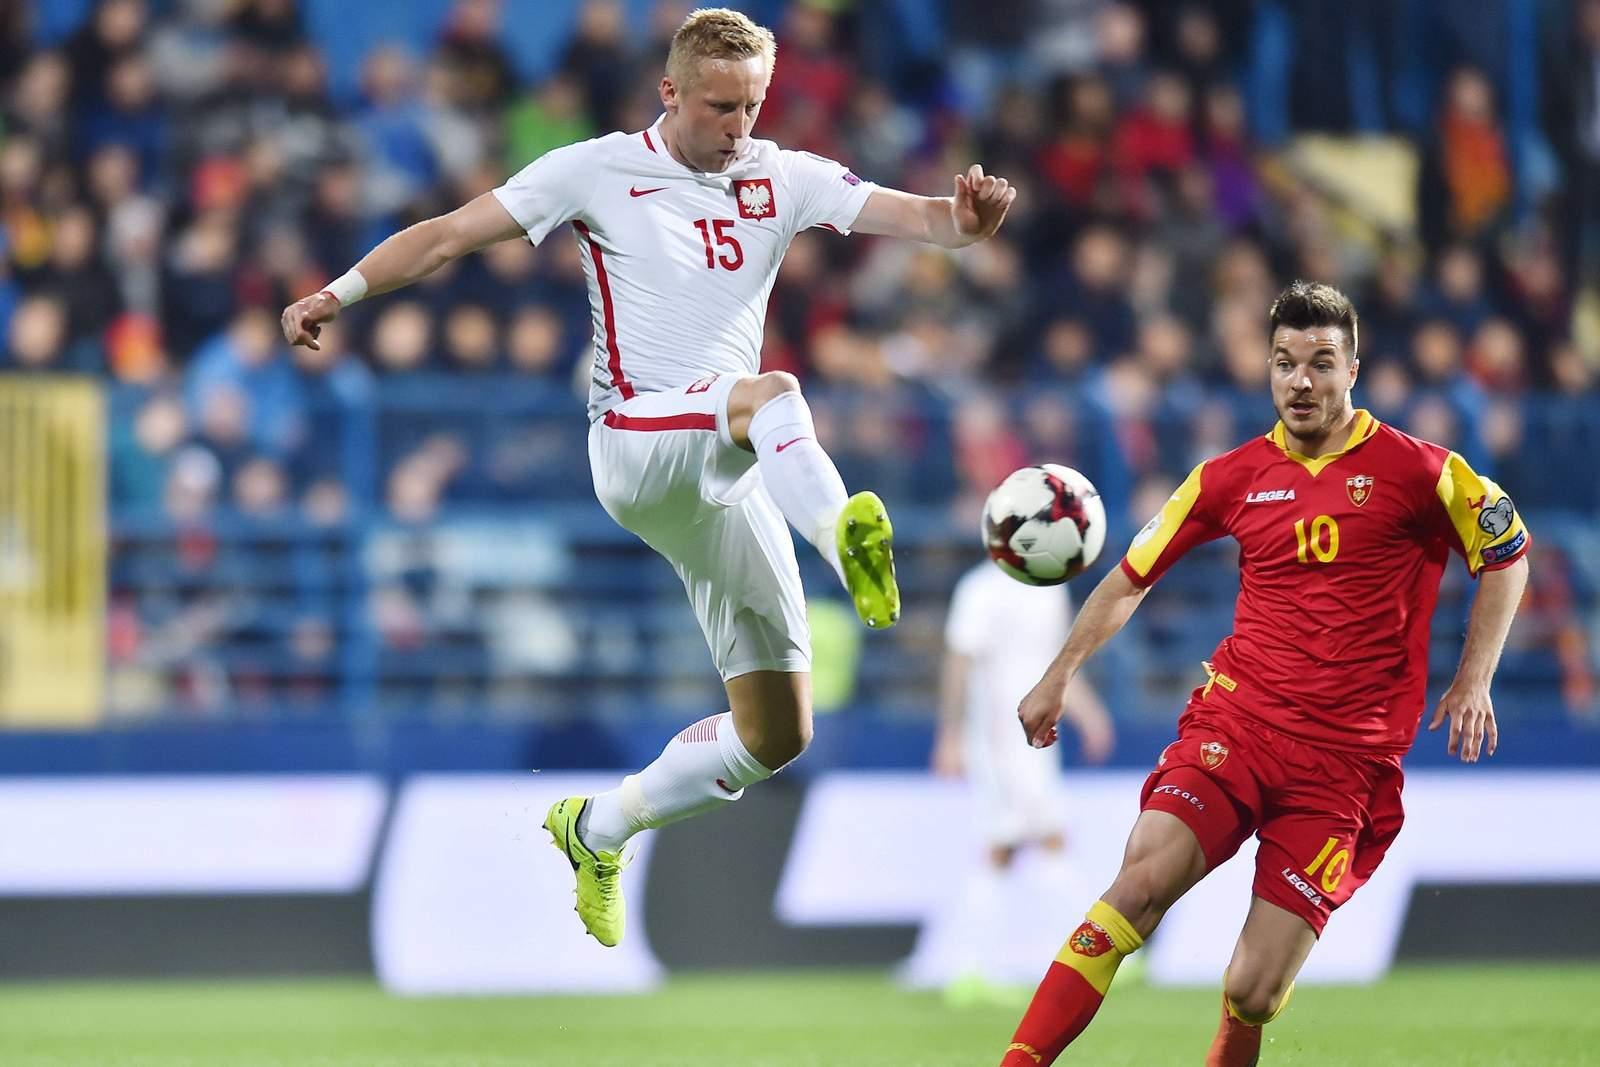 Kamil Glik im Duell mit Stefan Mugosa. Jetzt auf die Partie Polen gegen Montenegro wetten